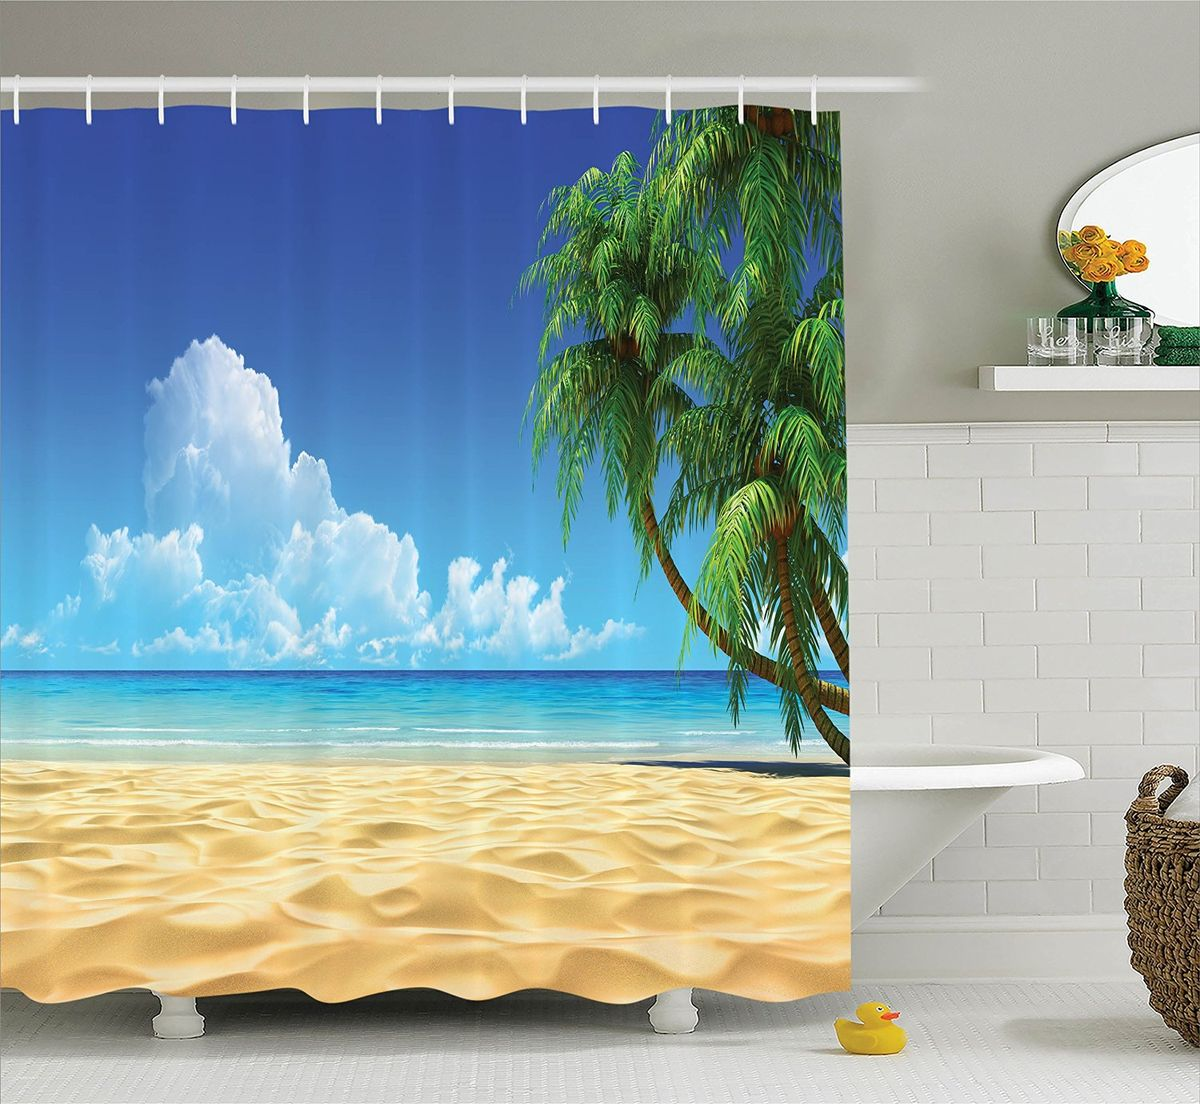 Штора для ванной комнаты Magic Lady Облака над пляжем, 180 х 200 смшв_12249Штора Magic Lady Облака над пляжем, изготовленная из высококачественного сатена (полиэстер 100%), отлично дополнит любой интерьер ванной комнаты. При изготовлении используются специальные гипоаллергенные чернила для прямой печати по ткани, безопасные для человека.В комплекте: 1 штора, 12 крючков. Обращаем ваше внимание, фактический цвет изделия может незначительно отличаться от представленного на фото.